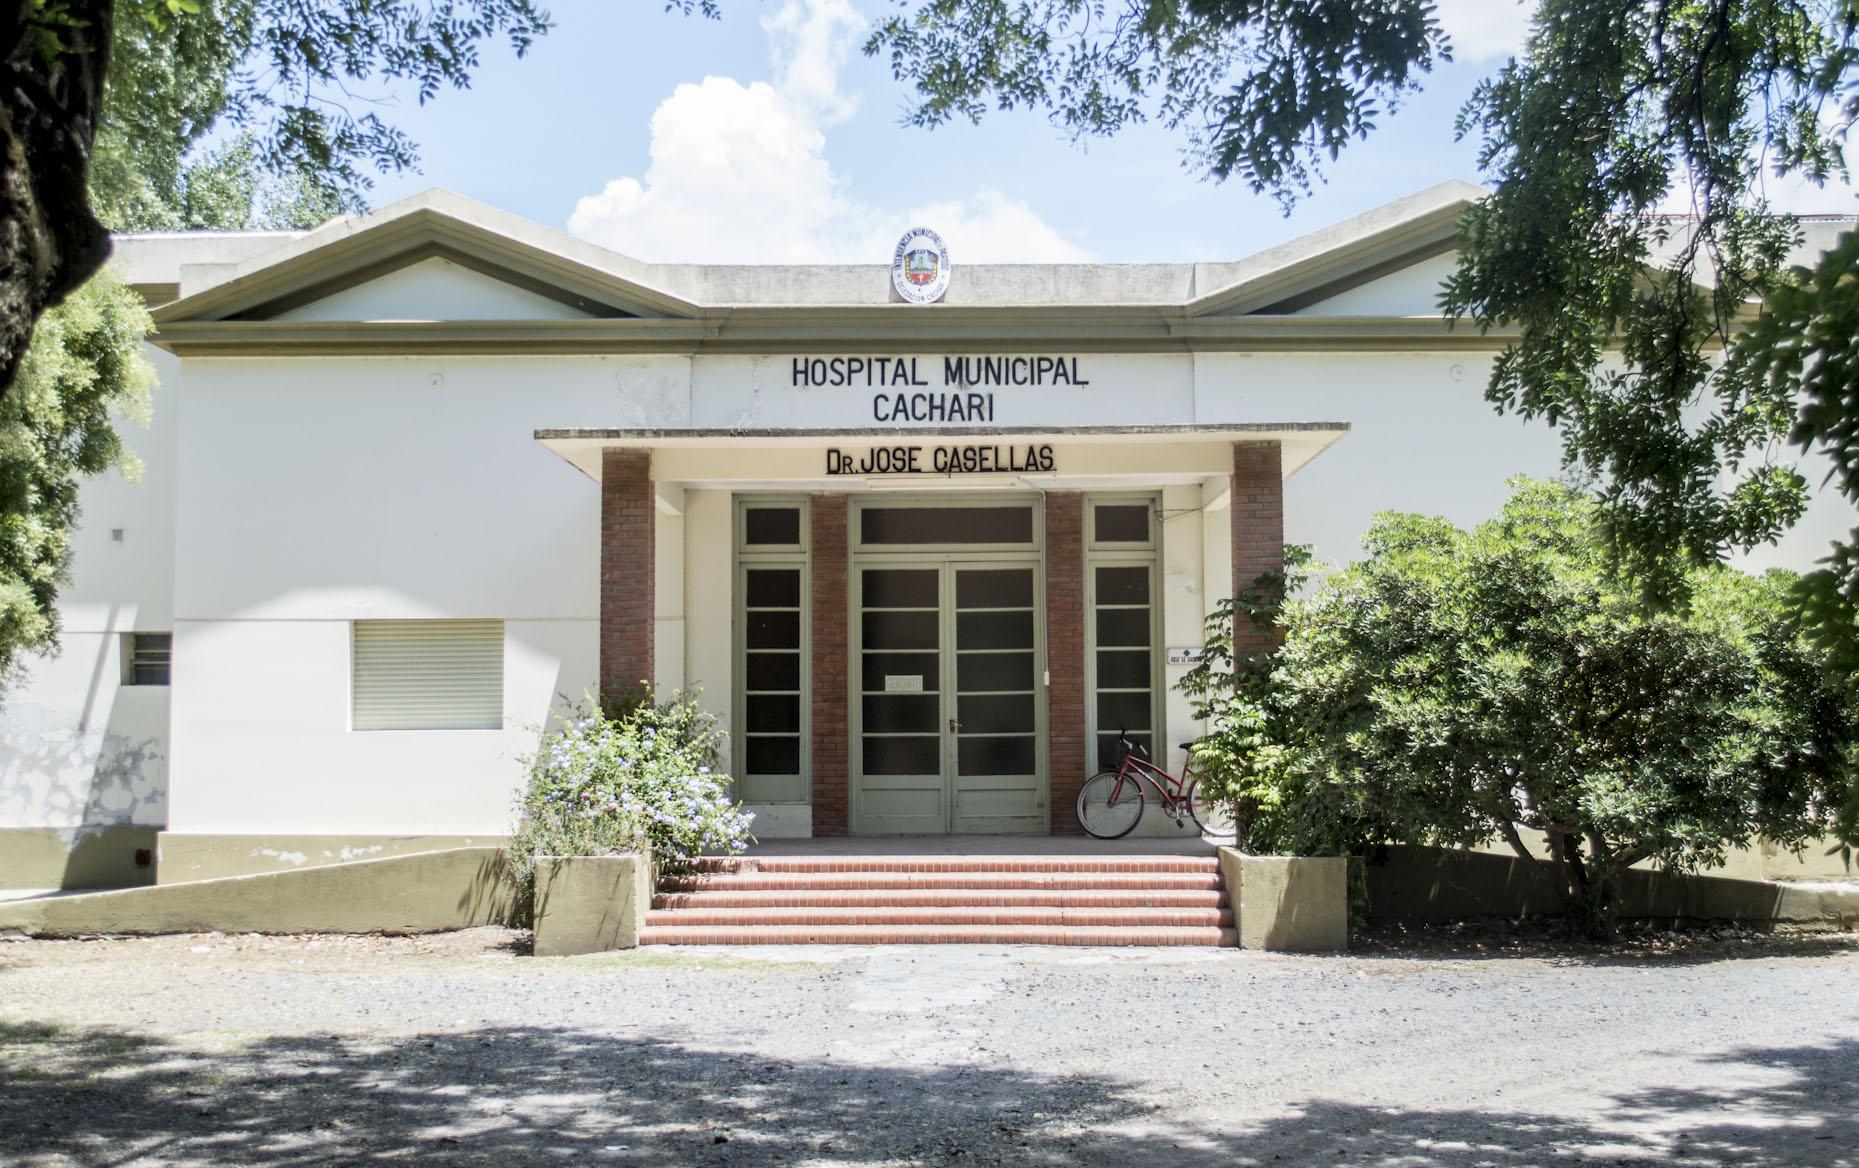 Por un caso de COVID-19:Atención restringida en el Hospital de Cacharí